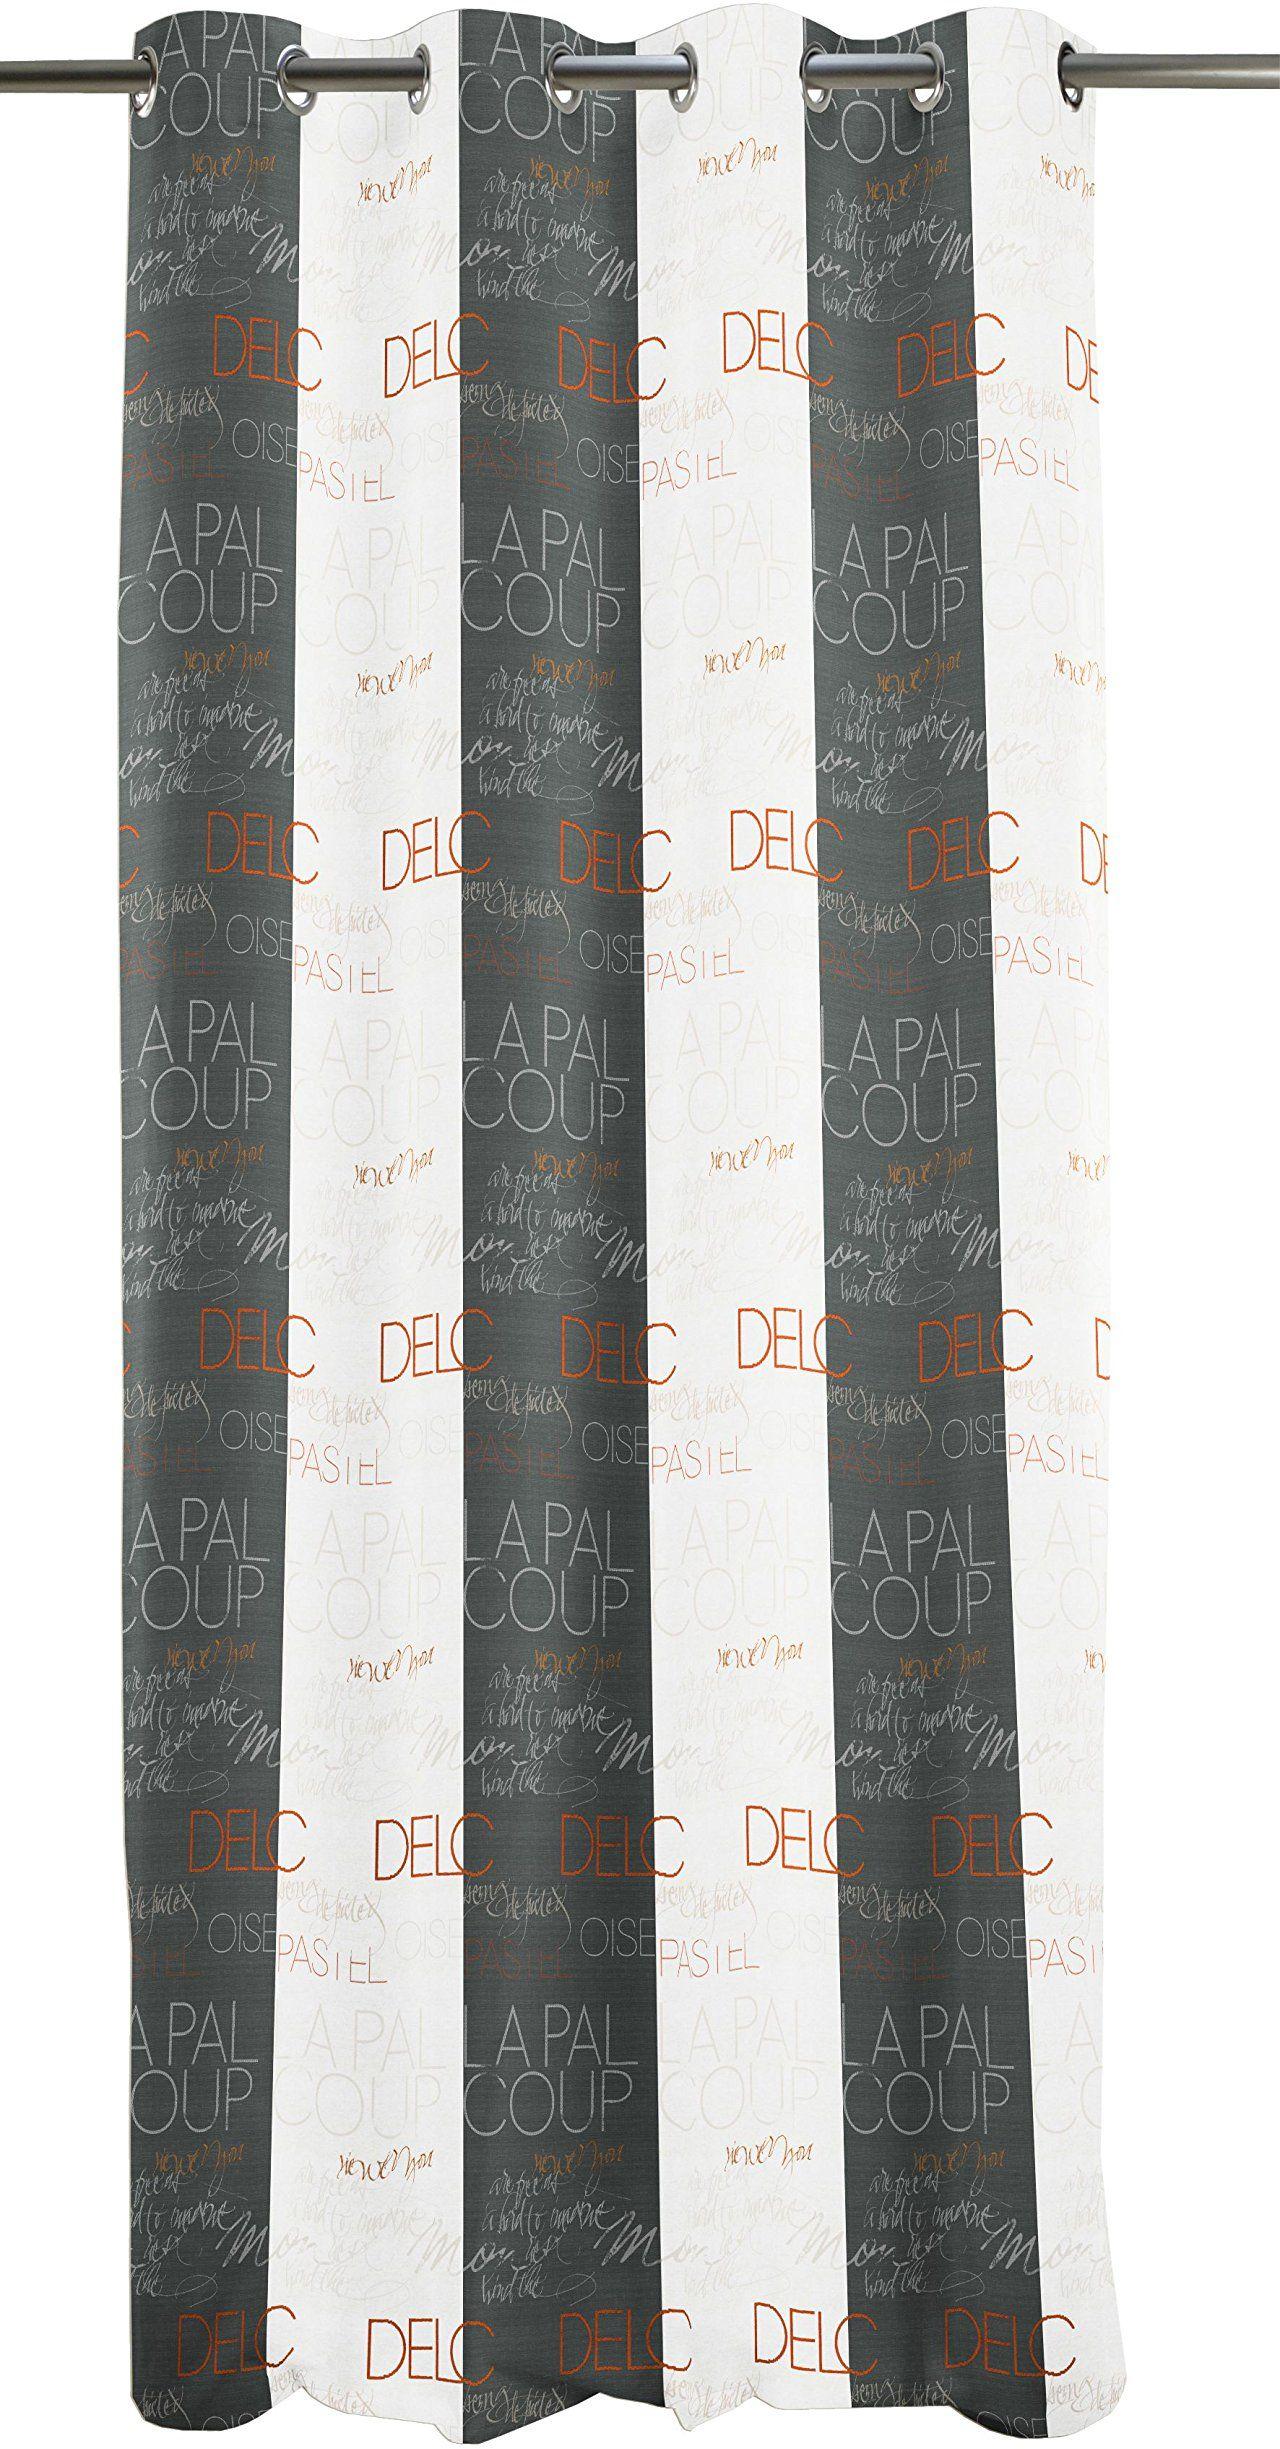 Apelt zasłona z oczkami, poliester, szara/pomarańczowa, 140 x 245 x 0,5 cm